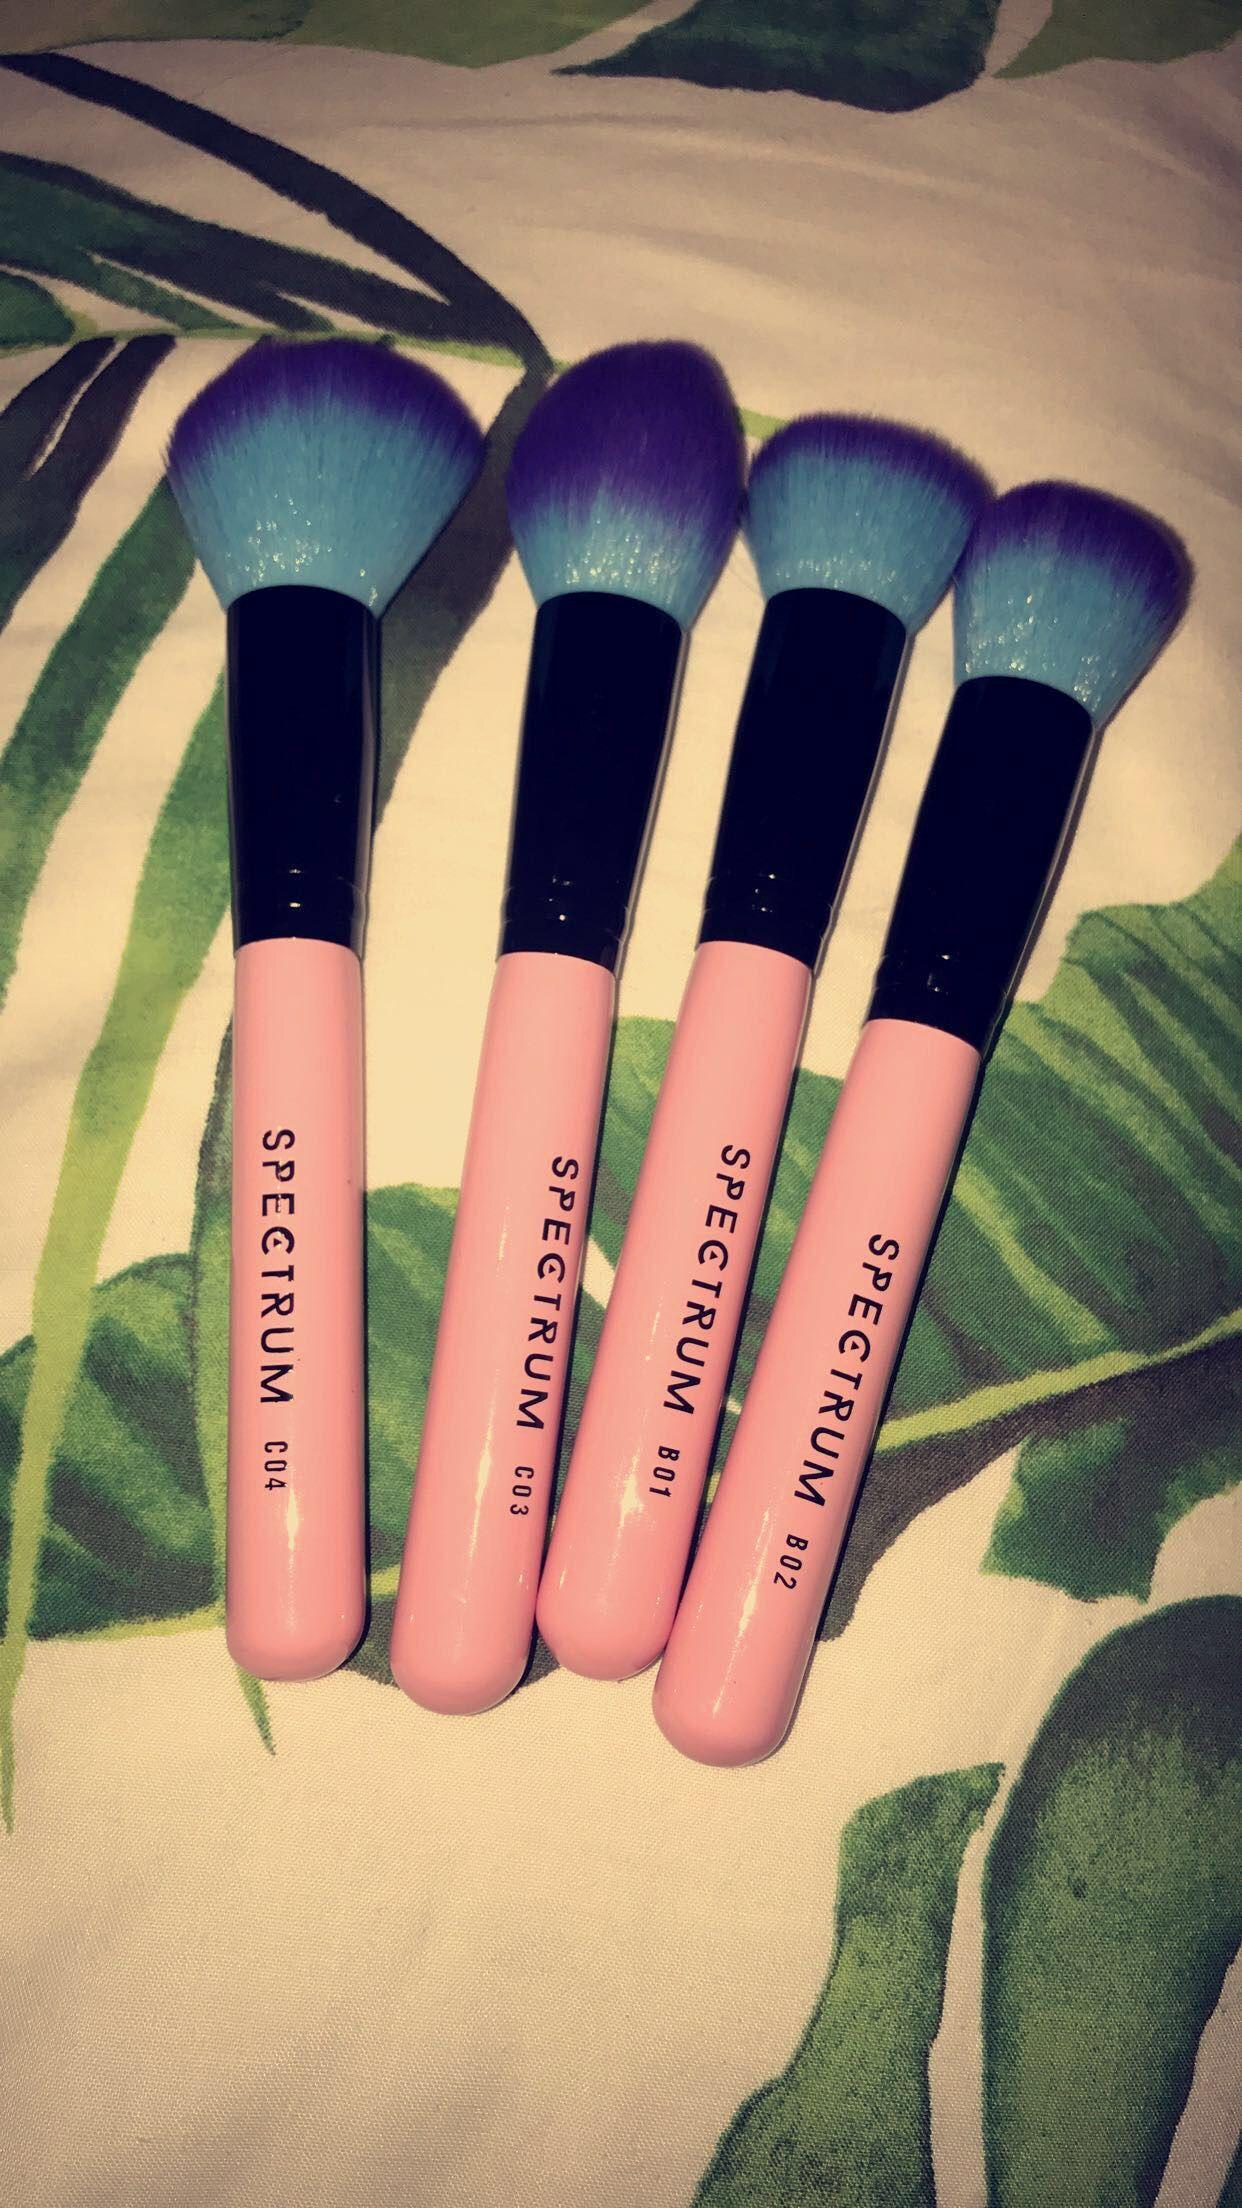 ✨✨✨ #spectrumbrushes #makeup #makeupjunkie #spectrum #style